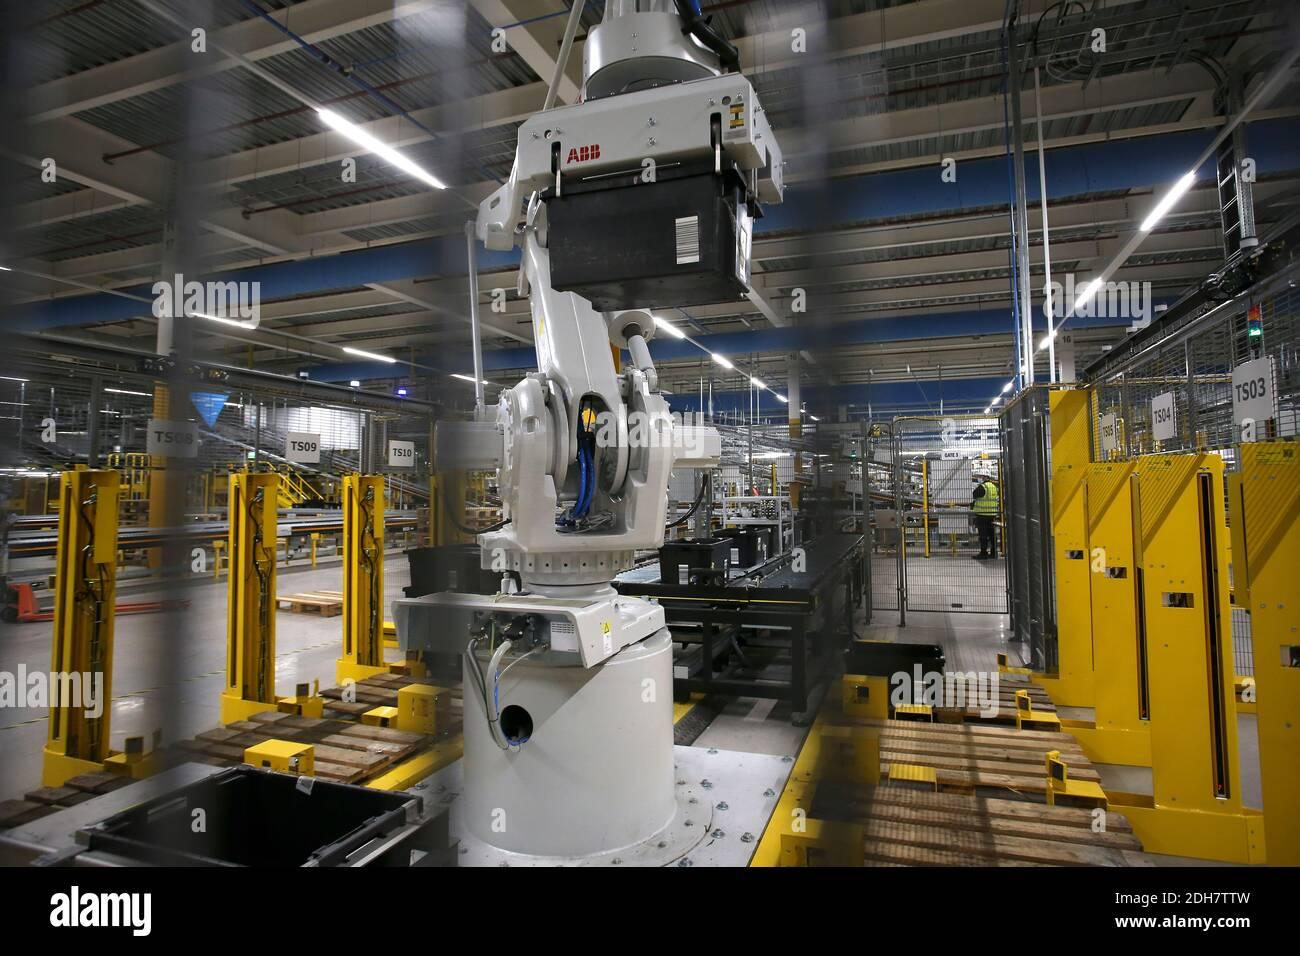 Un bras robotique en action à l'intérieur du site Amazon EMA2 à Sutton-in-Ashfield.en coulisses au site Amazon EMA2 à Sutton-in-Ashfield, dans le Nottinghamshire. Les achats en ligne ont connu une croissance rapide pendant la pandémie du coronavirus 2020, avec des magasins fermés, des lockdowns et des personnes prenant livraison d'articles au lieu de sortir. Photo prise le 25 novembre 2020 Banque D'Images